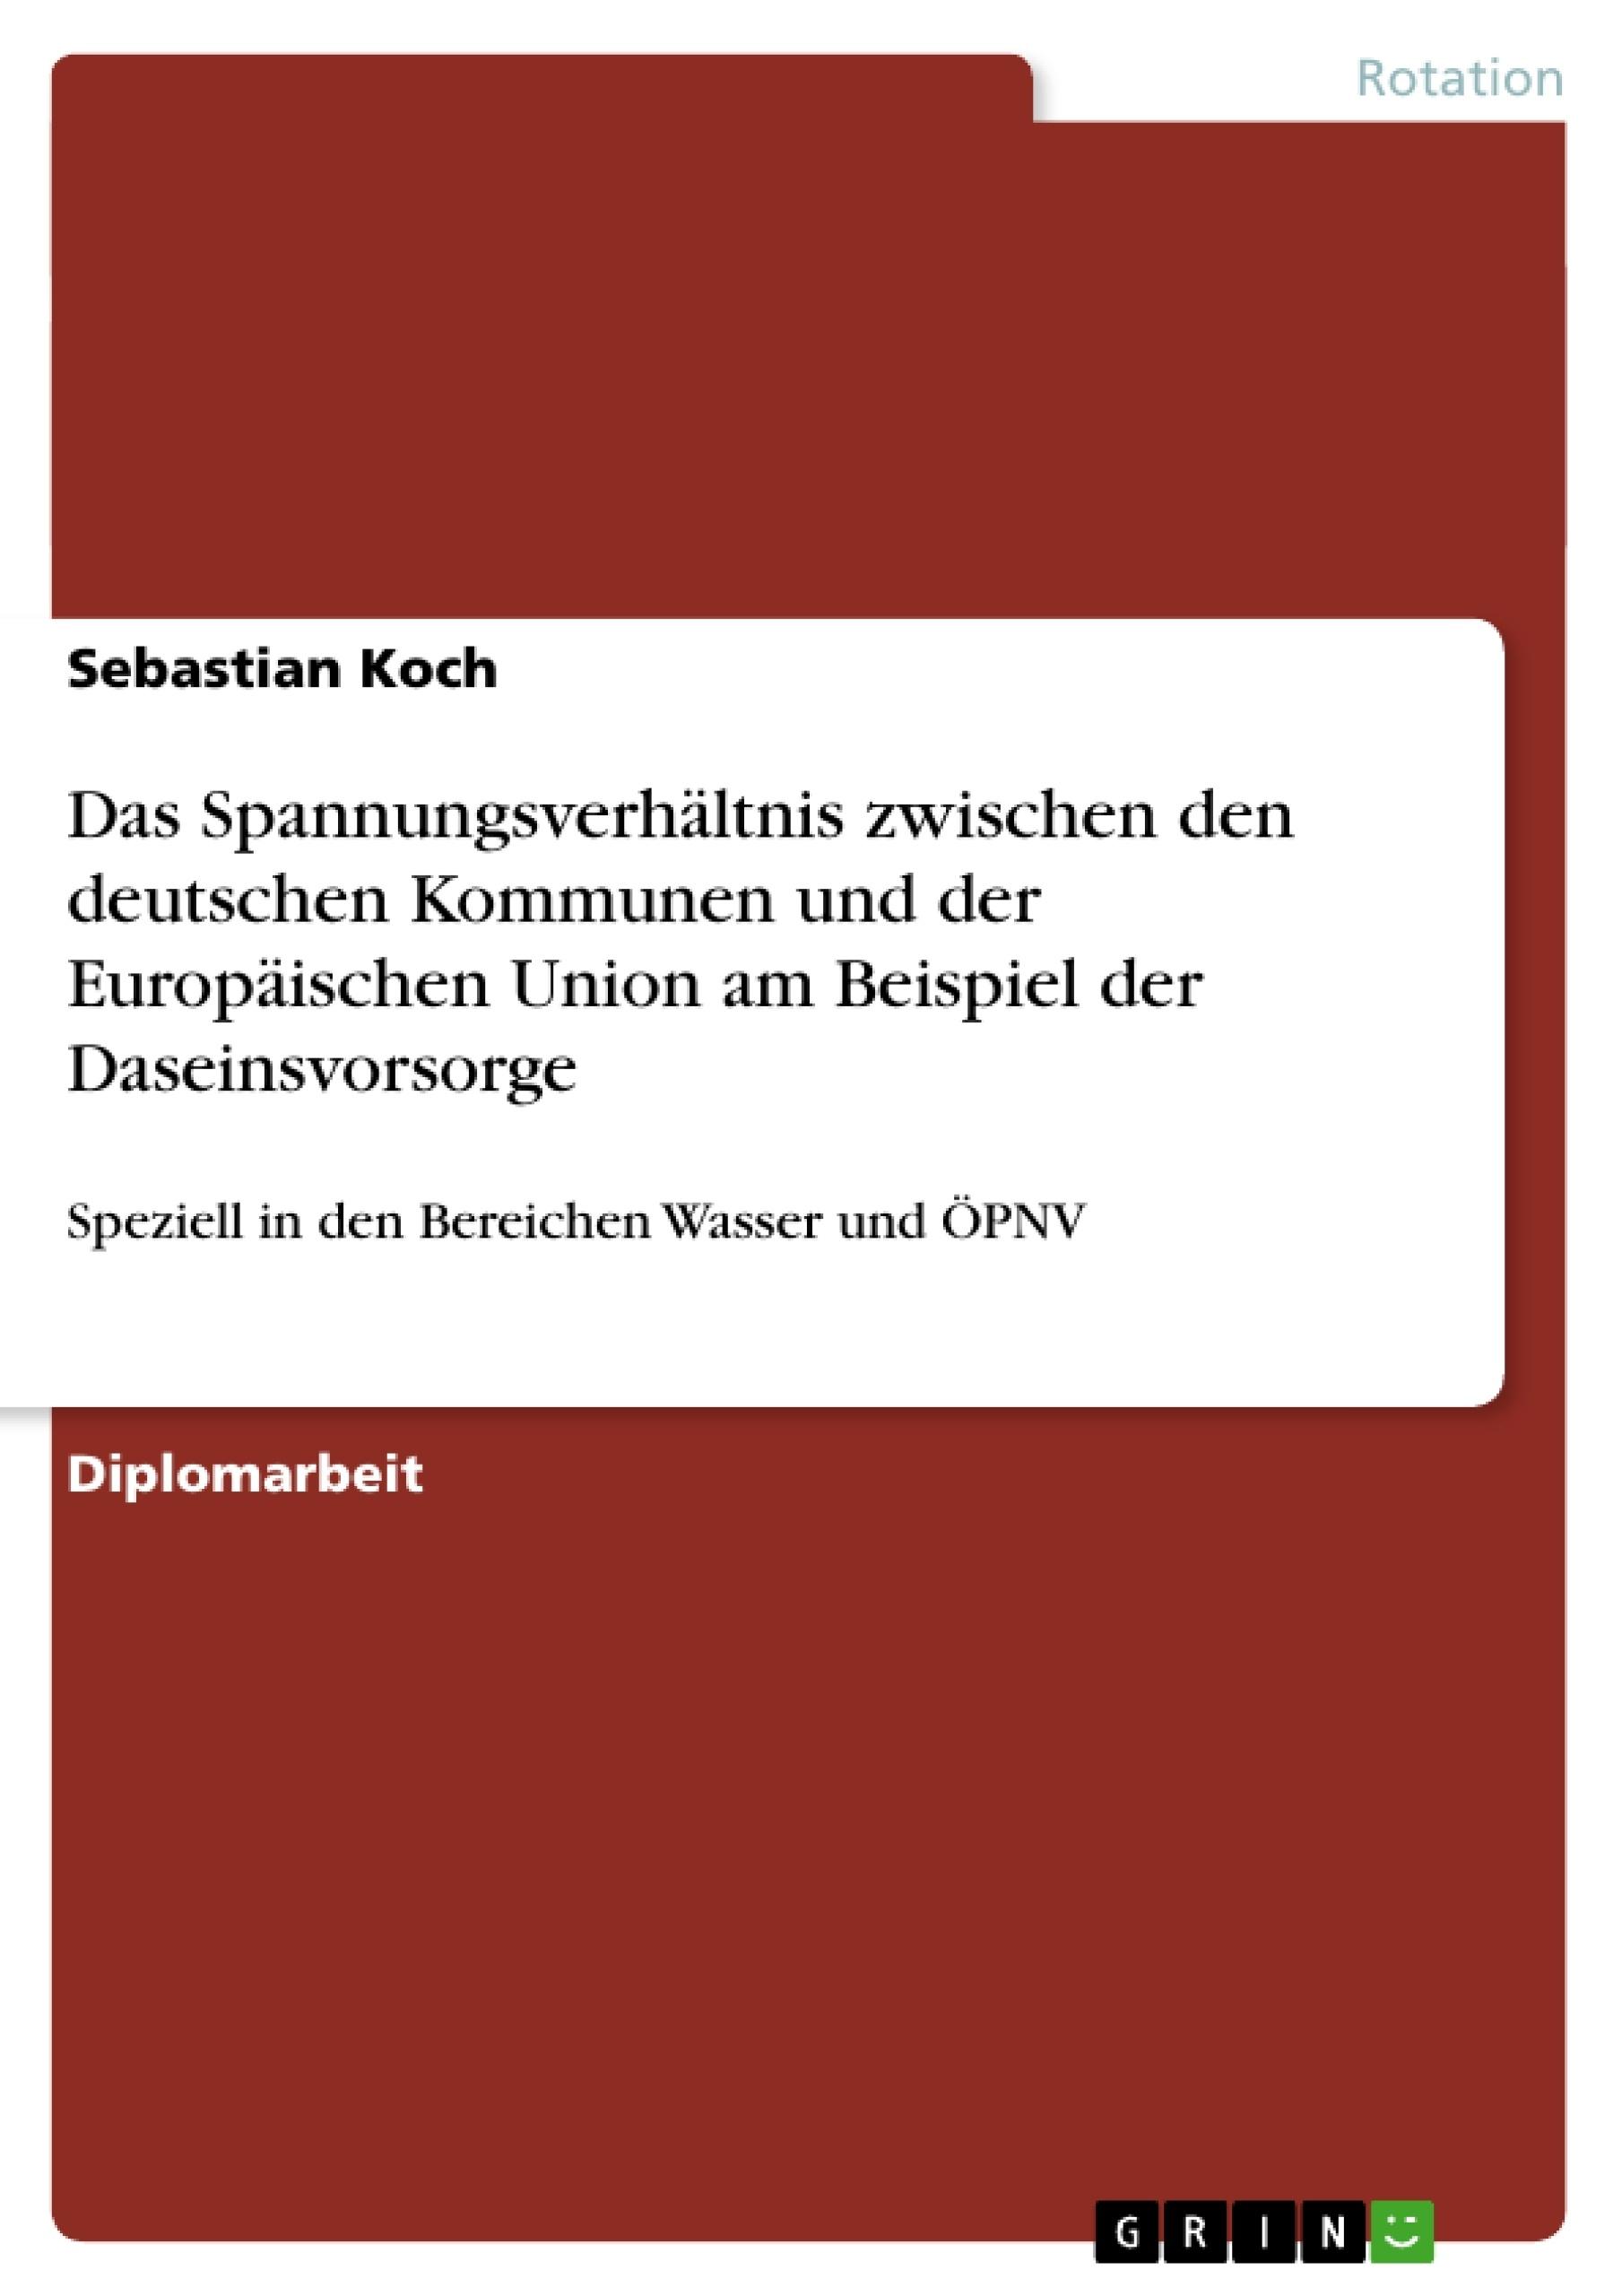 Titel: Das Spannungsverhältnis zwischen den deutschen Kommunen und der Europäischen Union am Beispiel der Daseinsvorsorge